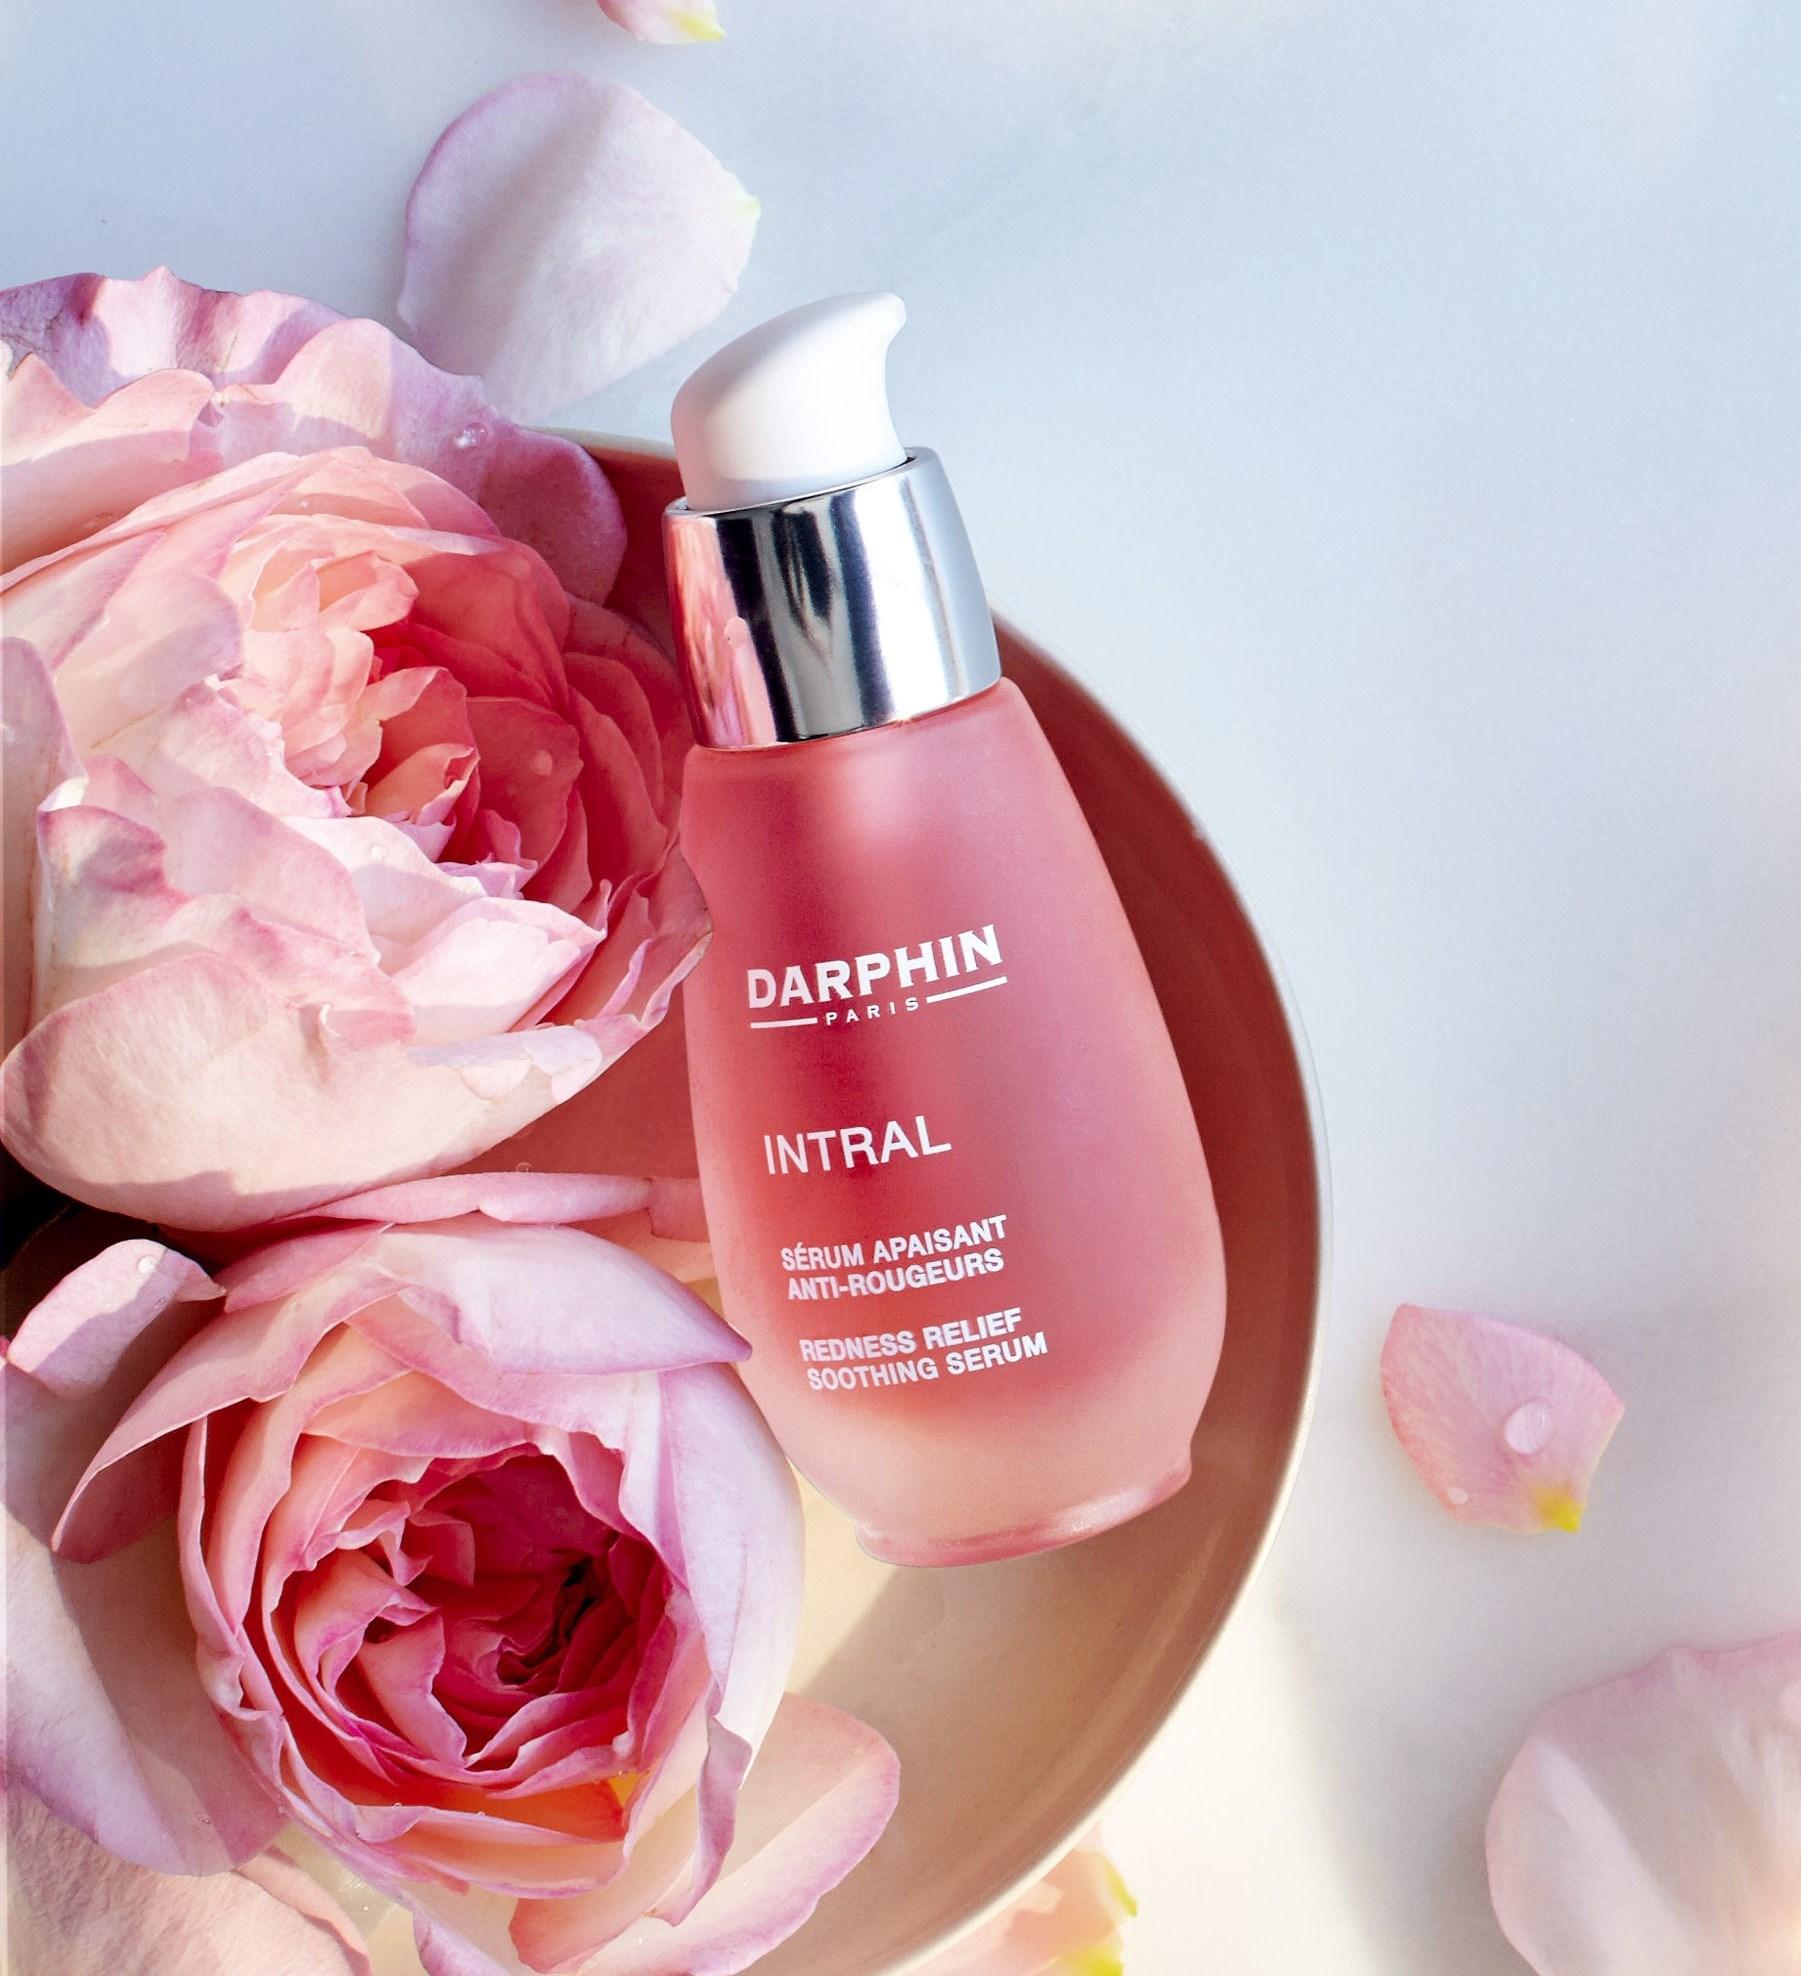 就像肌膚的媽咪 給予滿滿的美肌能量DARPHIN全效舒緩精華液,以天然療癒力聞名,是花都女性化妝台的必備聖品,她們常保膚質健康的秘密就是天天為肌膚淨化,調整健康美麗膚質。採用高濃度專利鎮靜配方™及牡丹、山楂、甘菊等花植精萃充滿療癒能量的粉紅能量,迅速舒緩過敏、泛紅、乾癢現象,養成健康美肌,看見女人美麗粉紅好氣色。